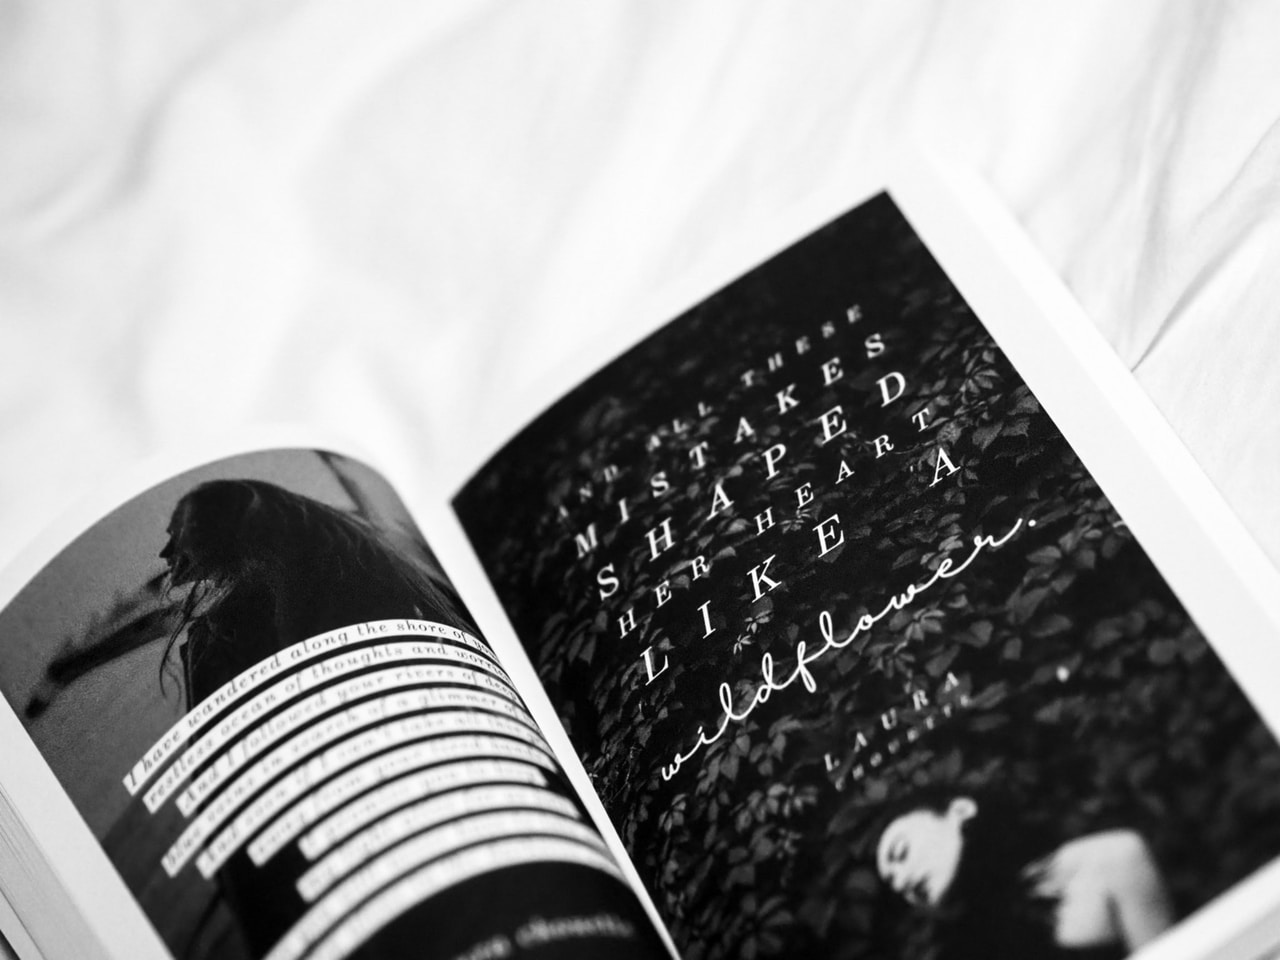 Fantastyka i horror - najlepsze książki! - Zdjęcie główne